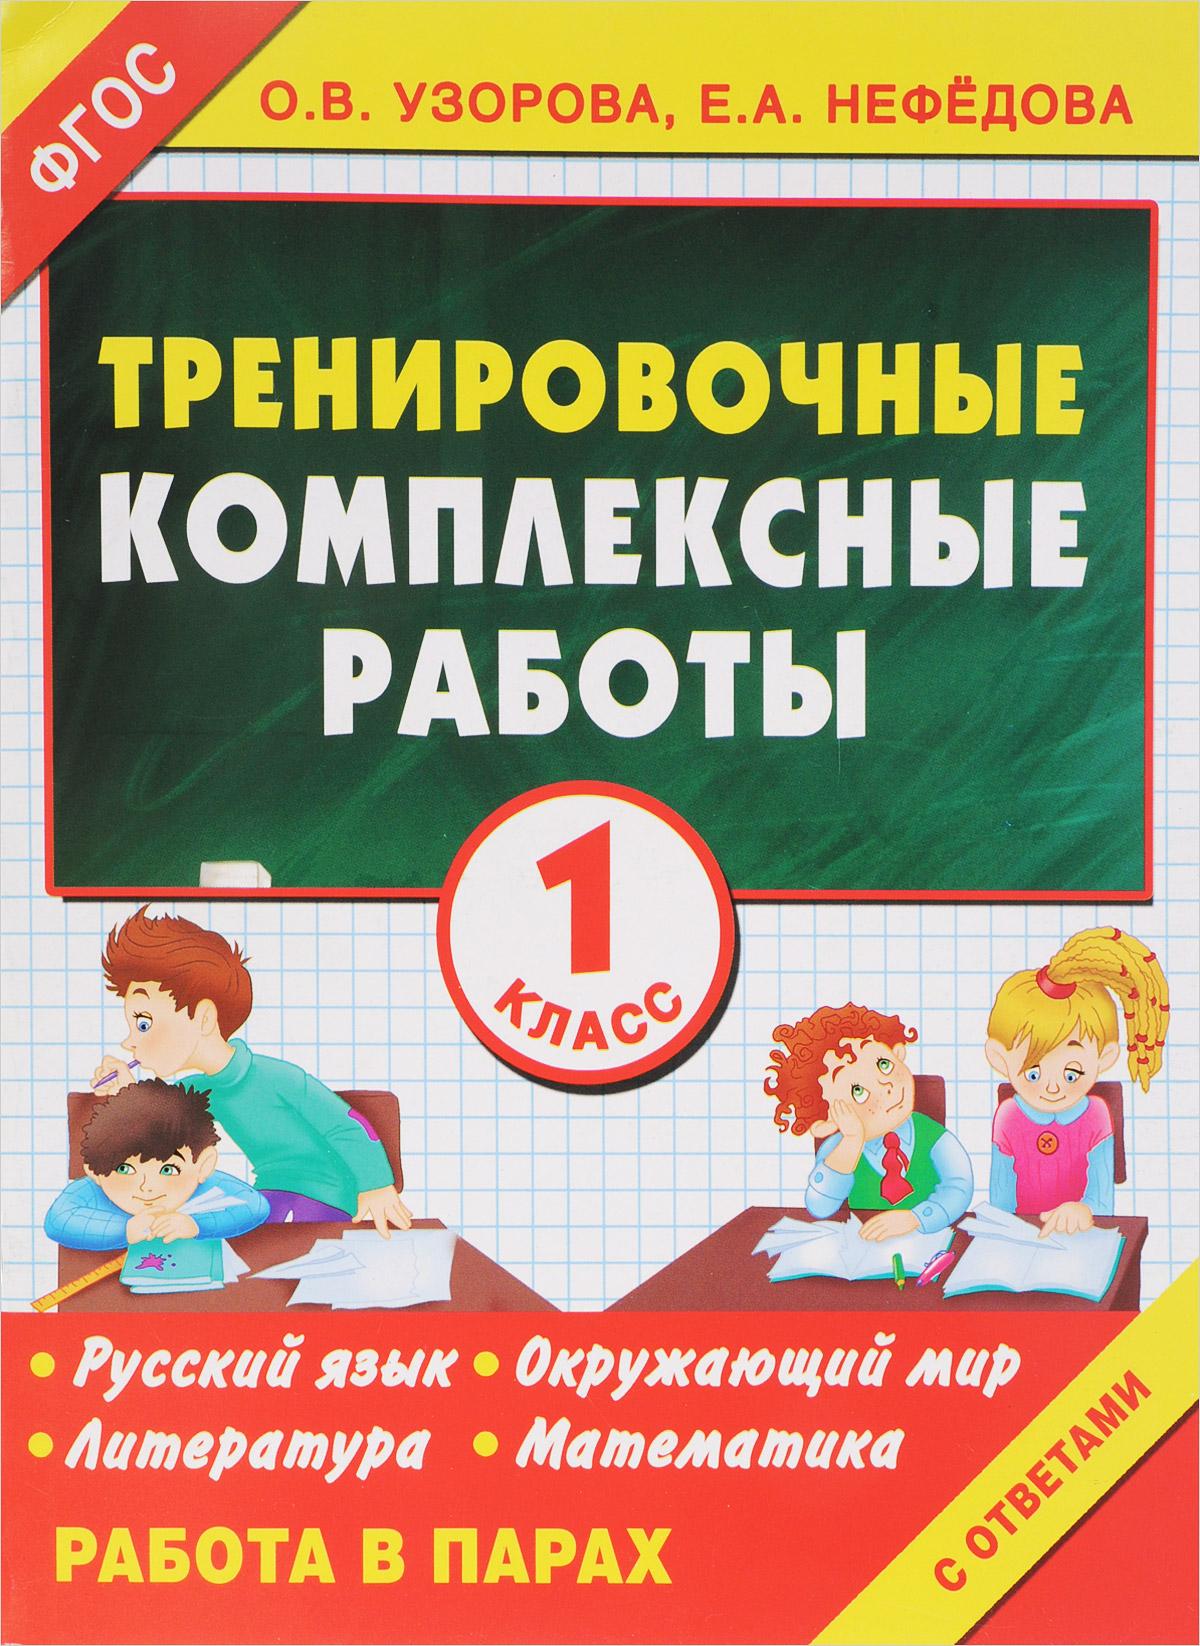 О. В. Узорова, Е. А. Нефедова Русский язык, окружающий мир, литература, математика. 1 класс. Тренировочные комплексные работы